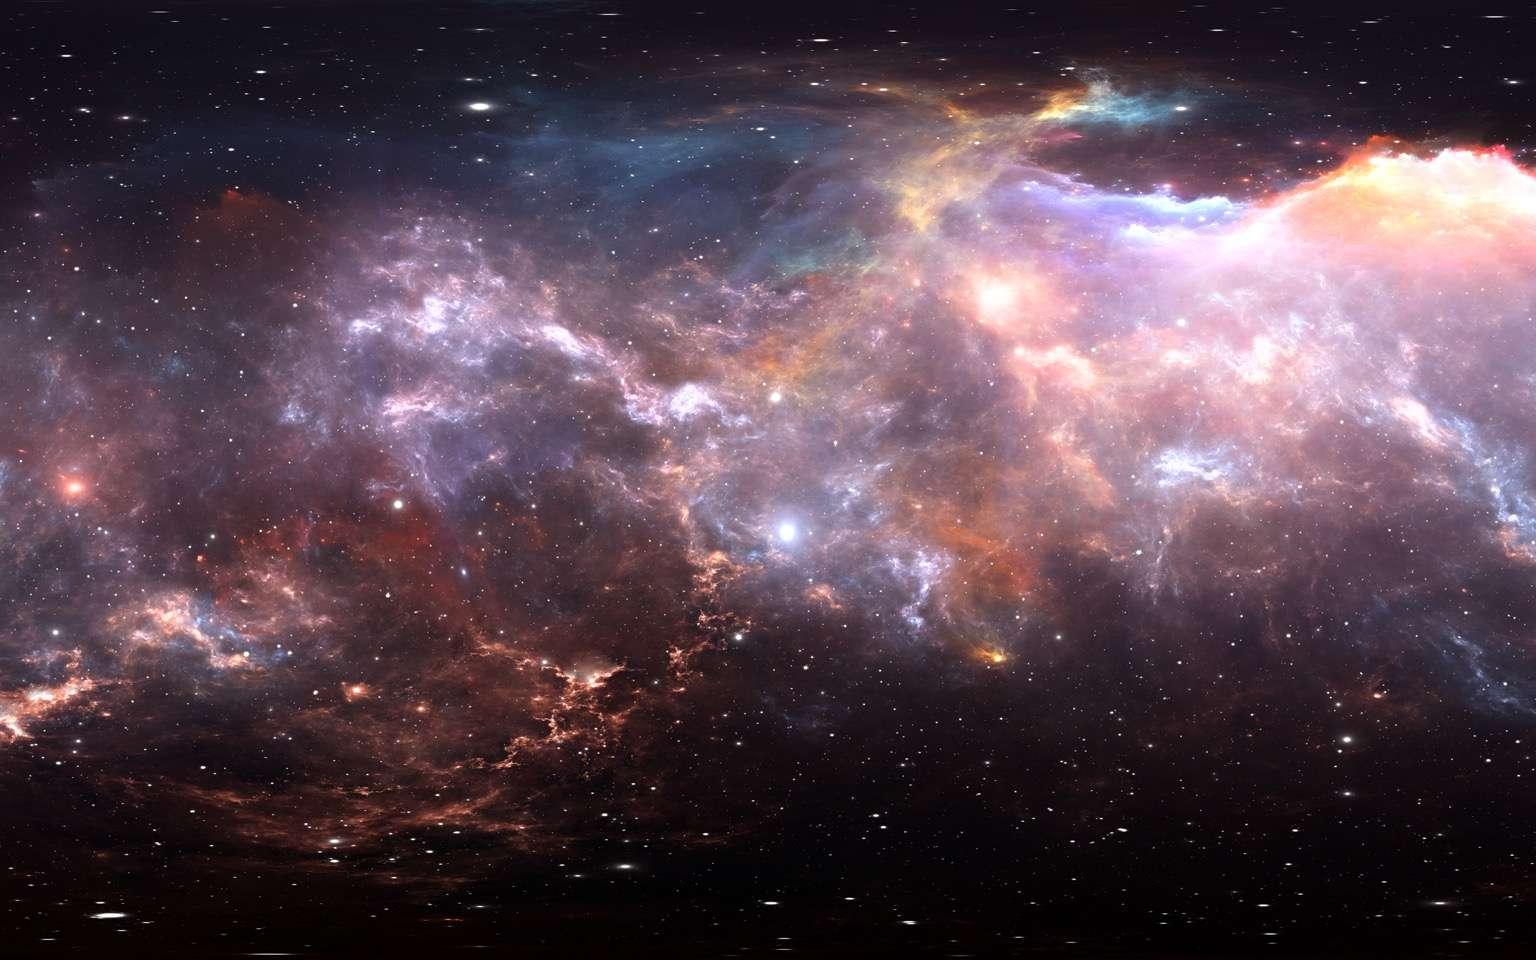 Des chercheurs de l'observatoire astronomique national du Japon voient dans les jets de plasma émis par les trous noirs supermassifs actifs, des outils pour explorer les puissants champs magnétiques au cœur des amas de galaxies. © Peter Jurik, Adobe Stock